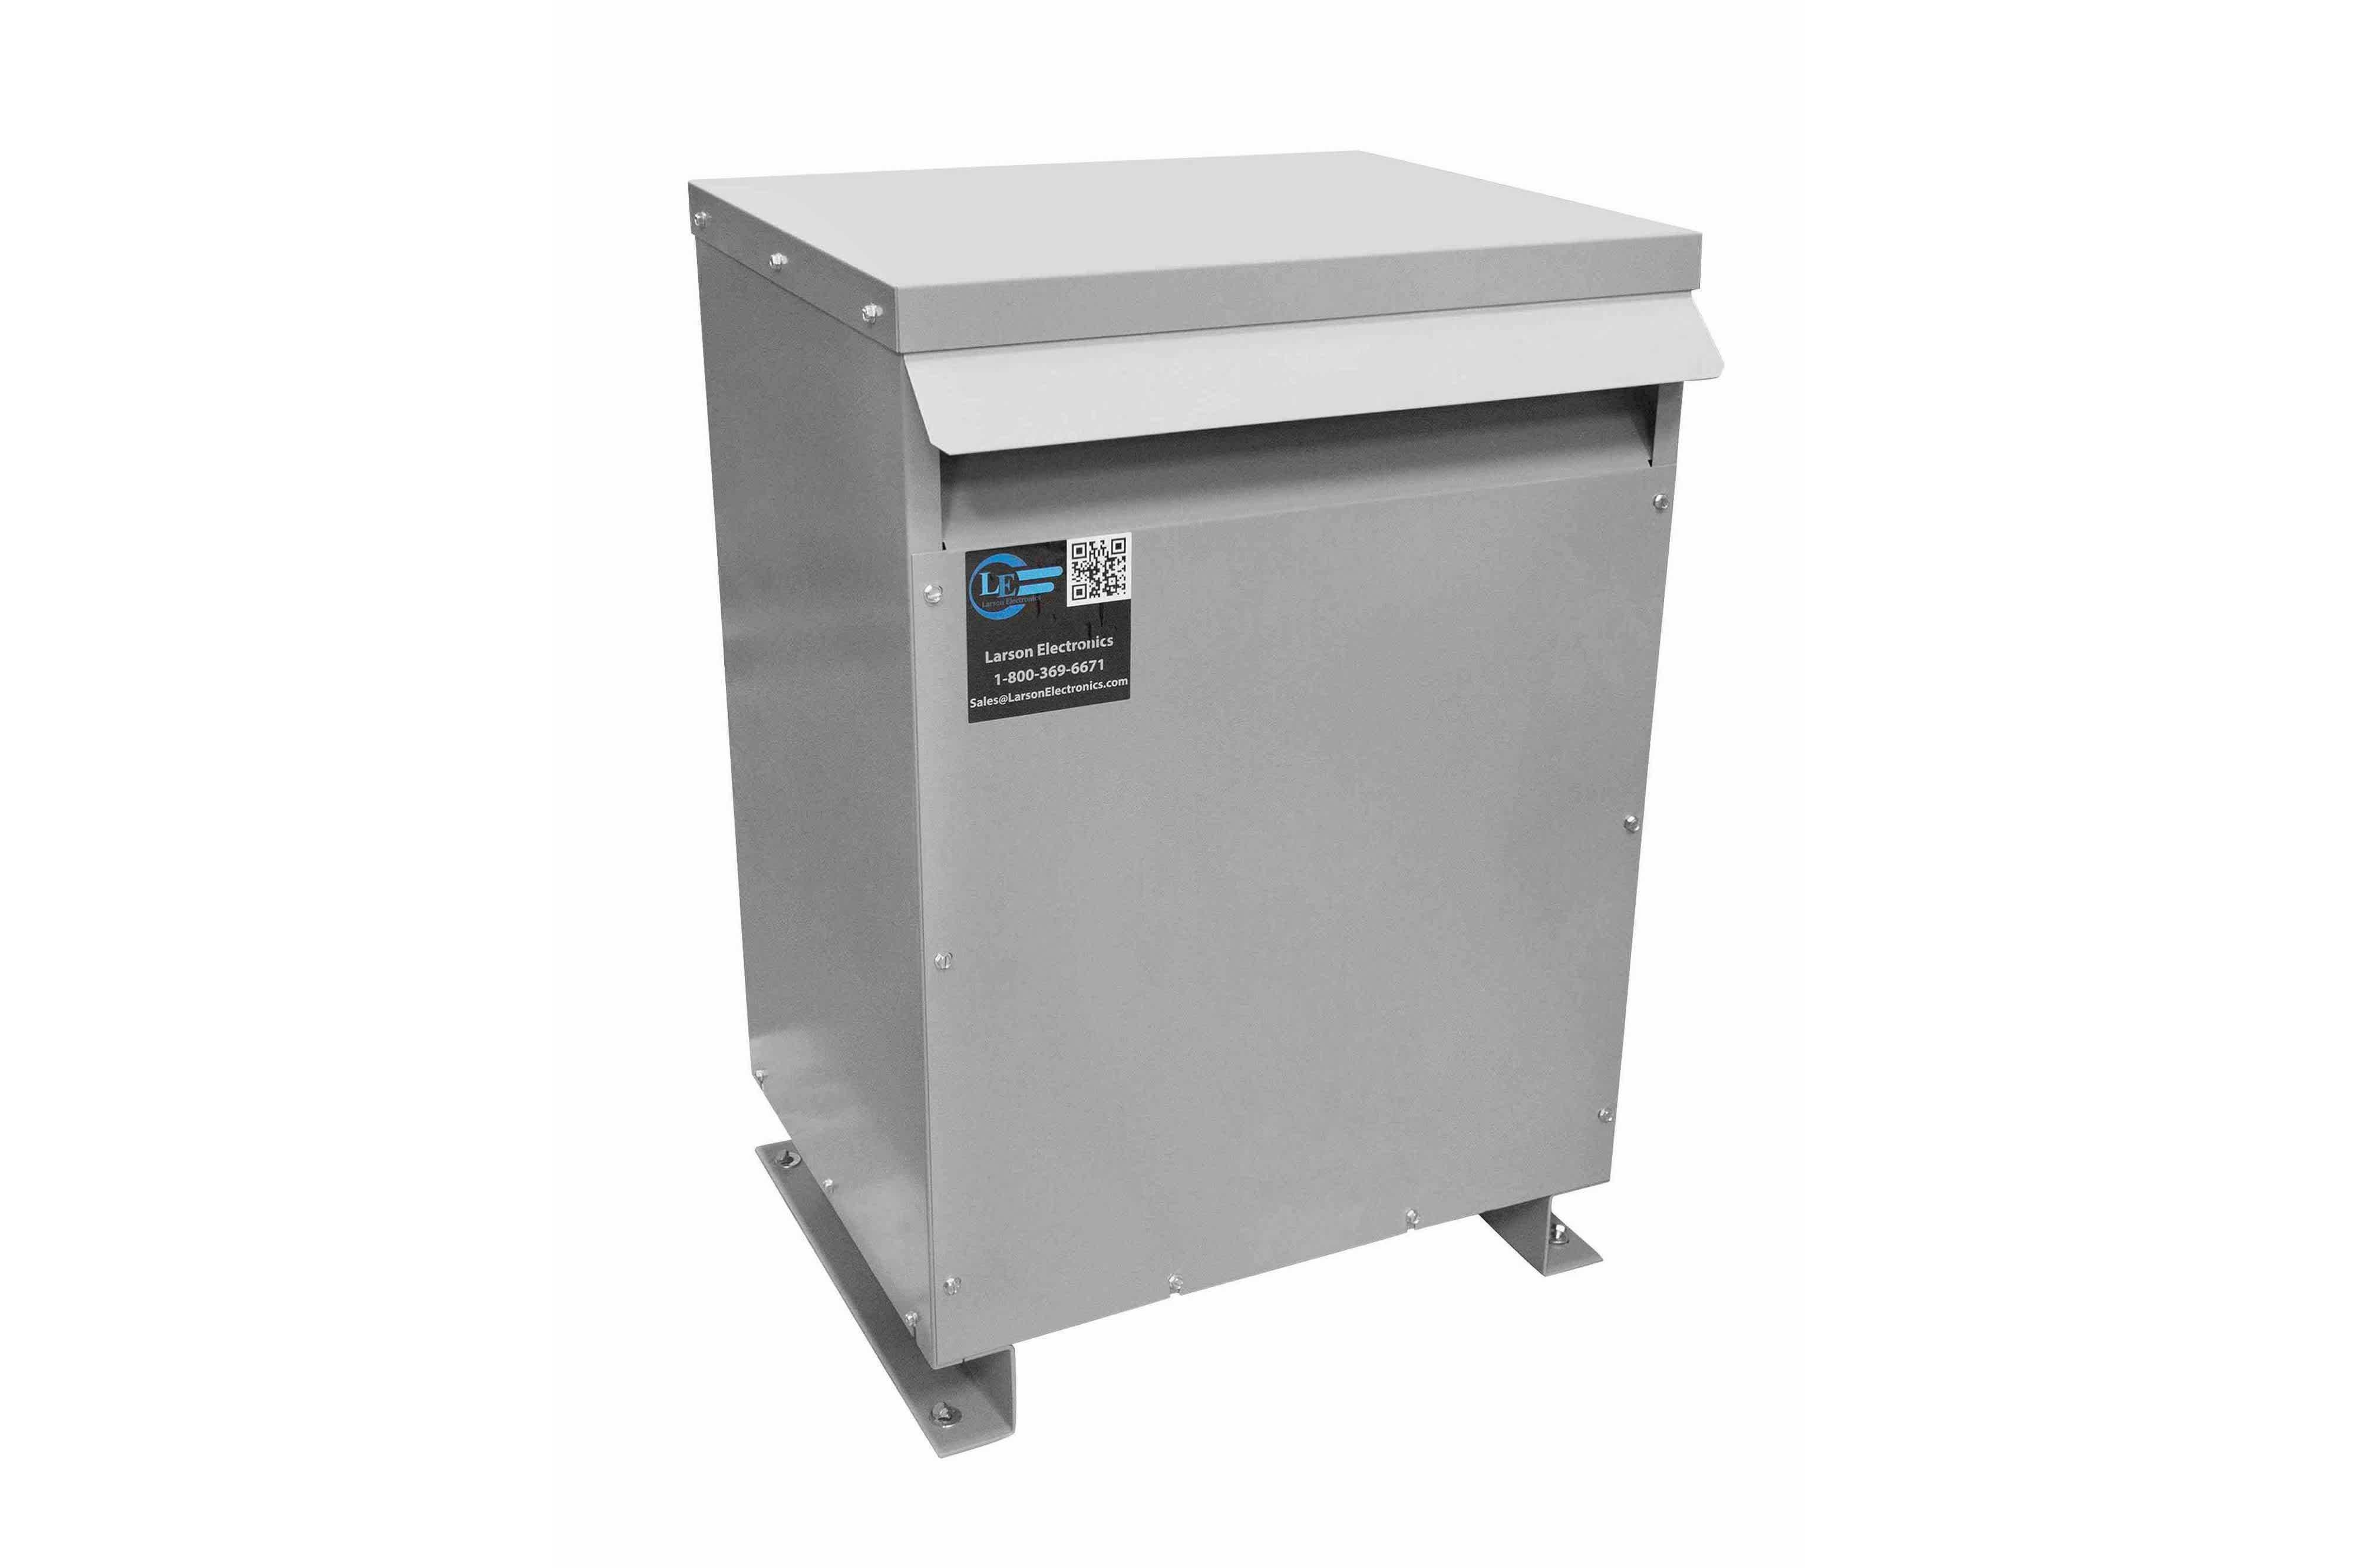 55 kVA 3PH Isolation Transformer, 240V Delta Primary, 400V Delta Secondary, N3R, Ventilated, 60 Hz